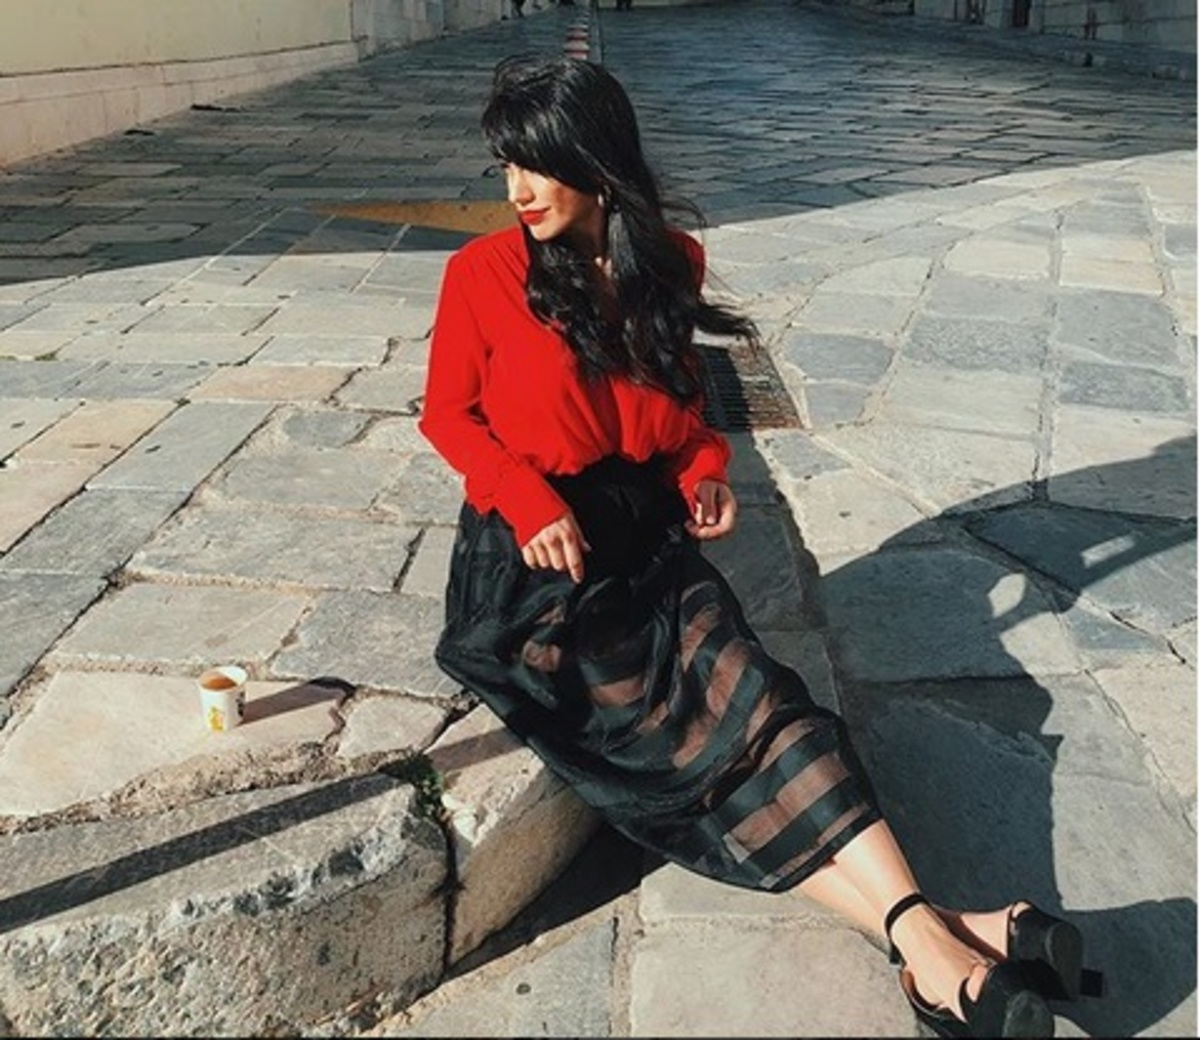 Κόνι Μεταξά: O λόγος που επισκέφτηκε την υπέροχη Σύρο! [pics] | Newsit.gr